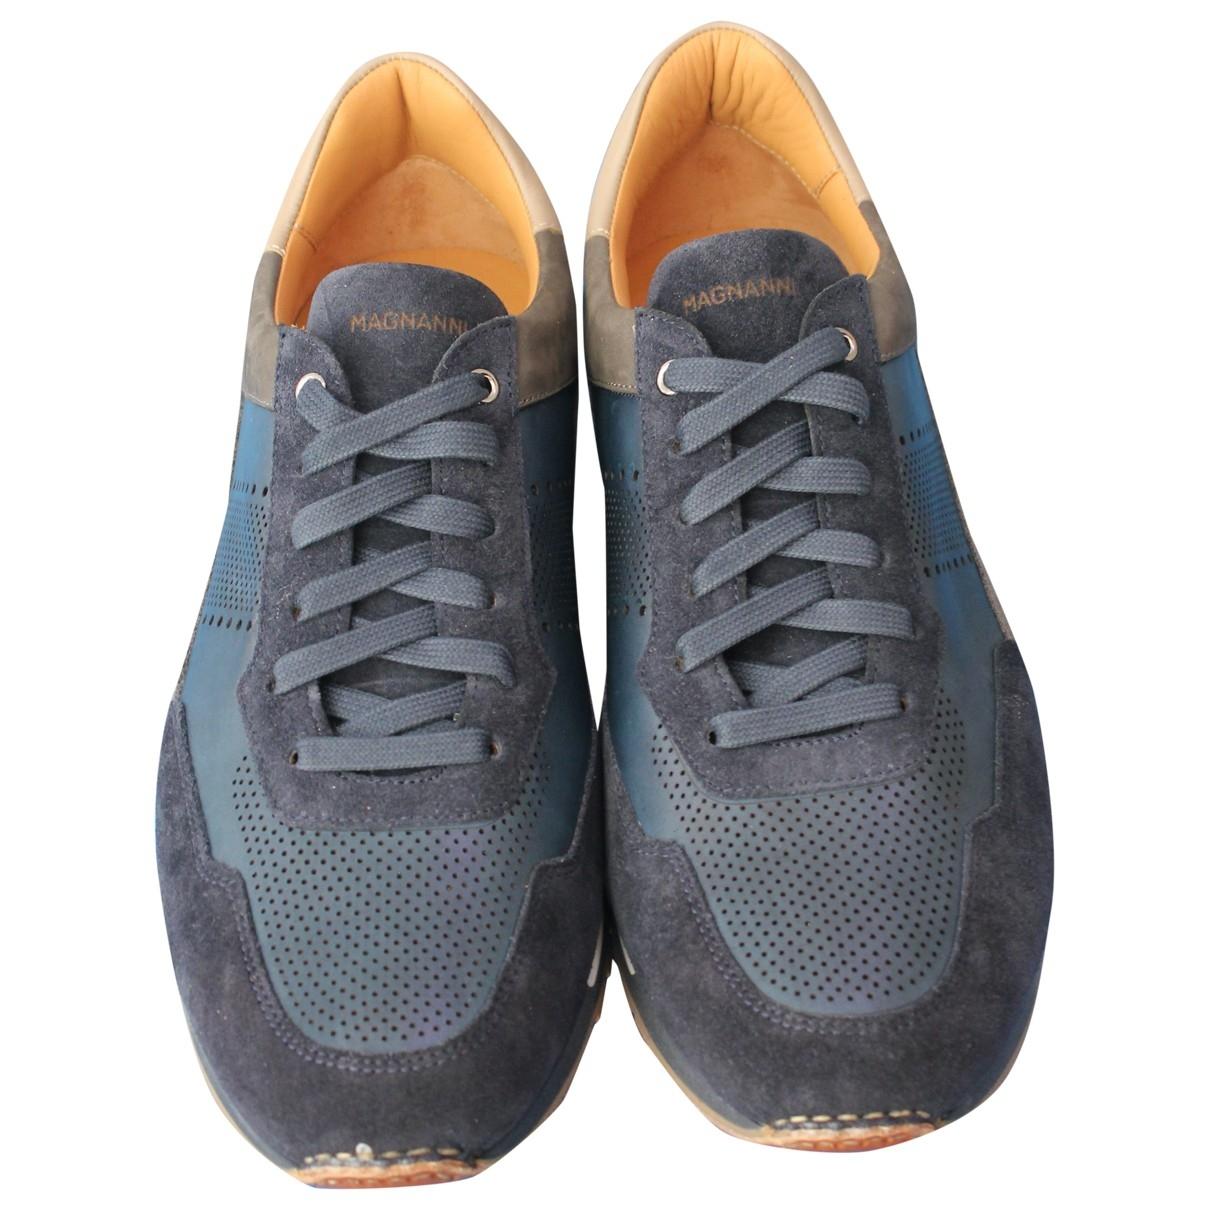 Magnanni - Baskets   pour homme en suede - bleu